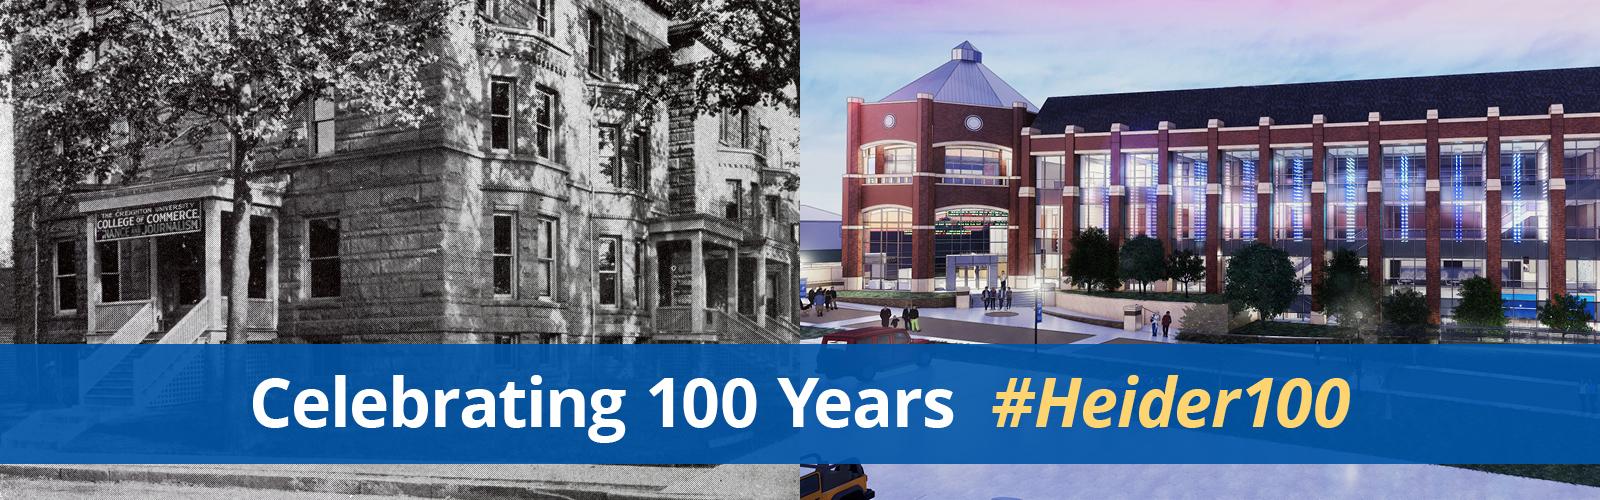 Celebrating 100 Years Heider#100